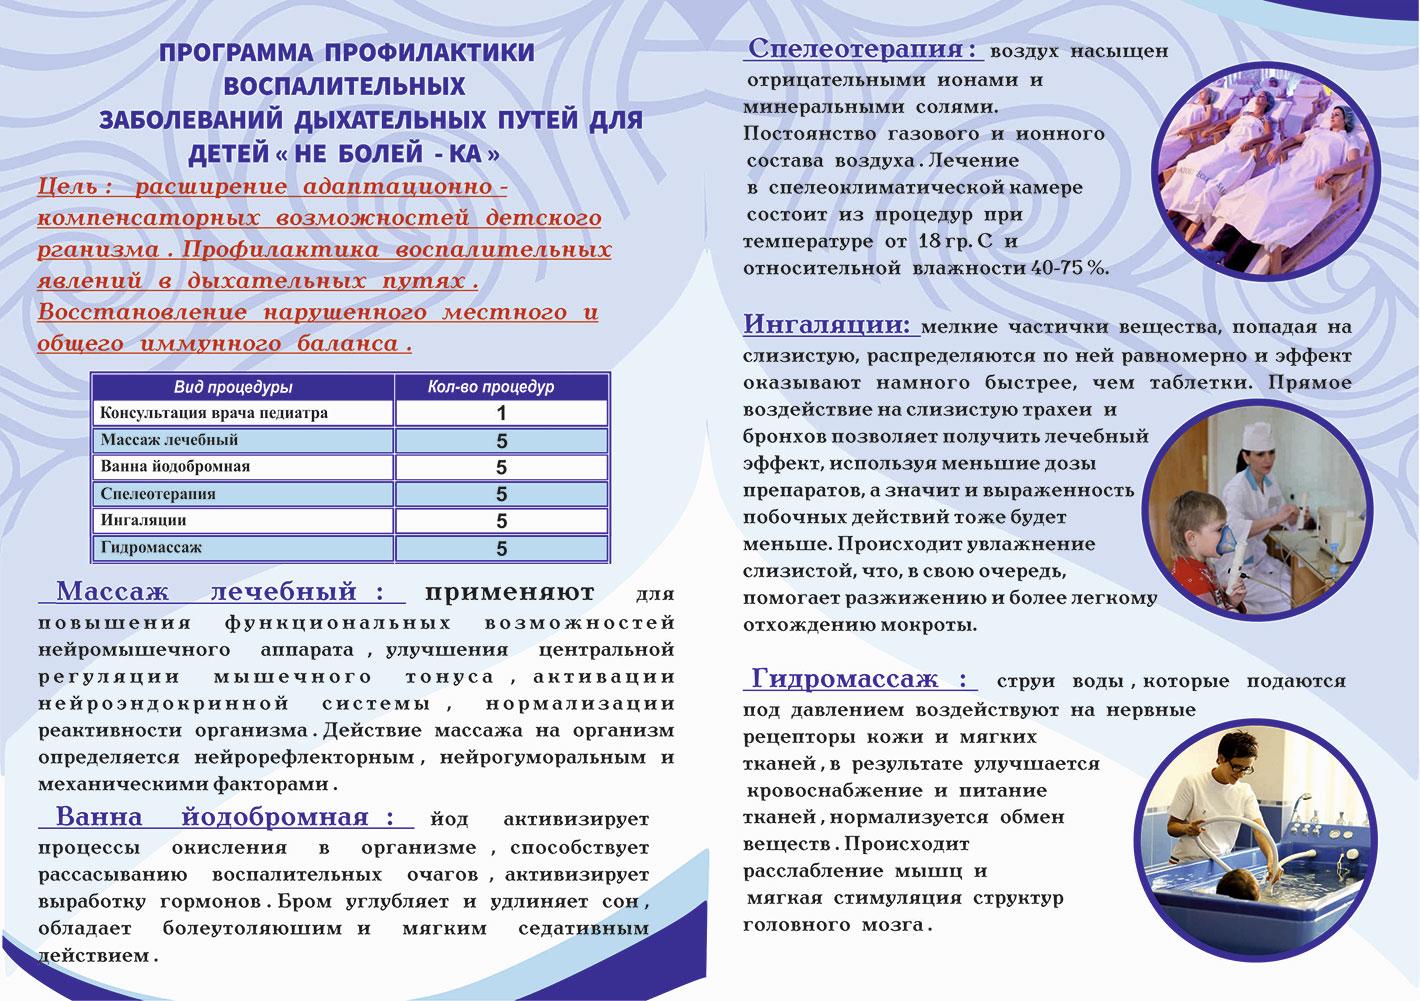 Официальный сайт благотворительного фонда помощи больным детям россии «линия жизни»